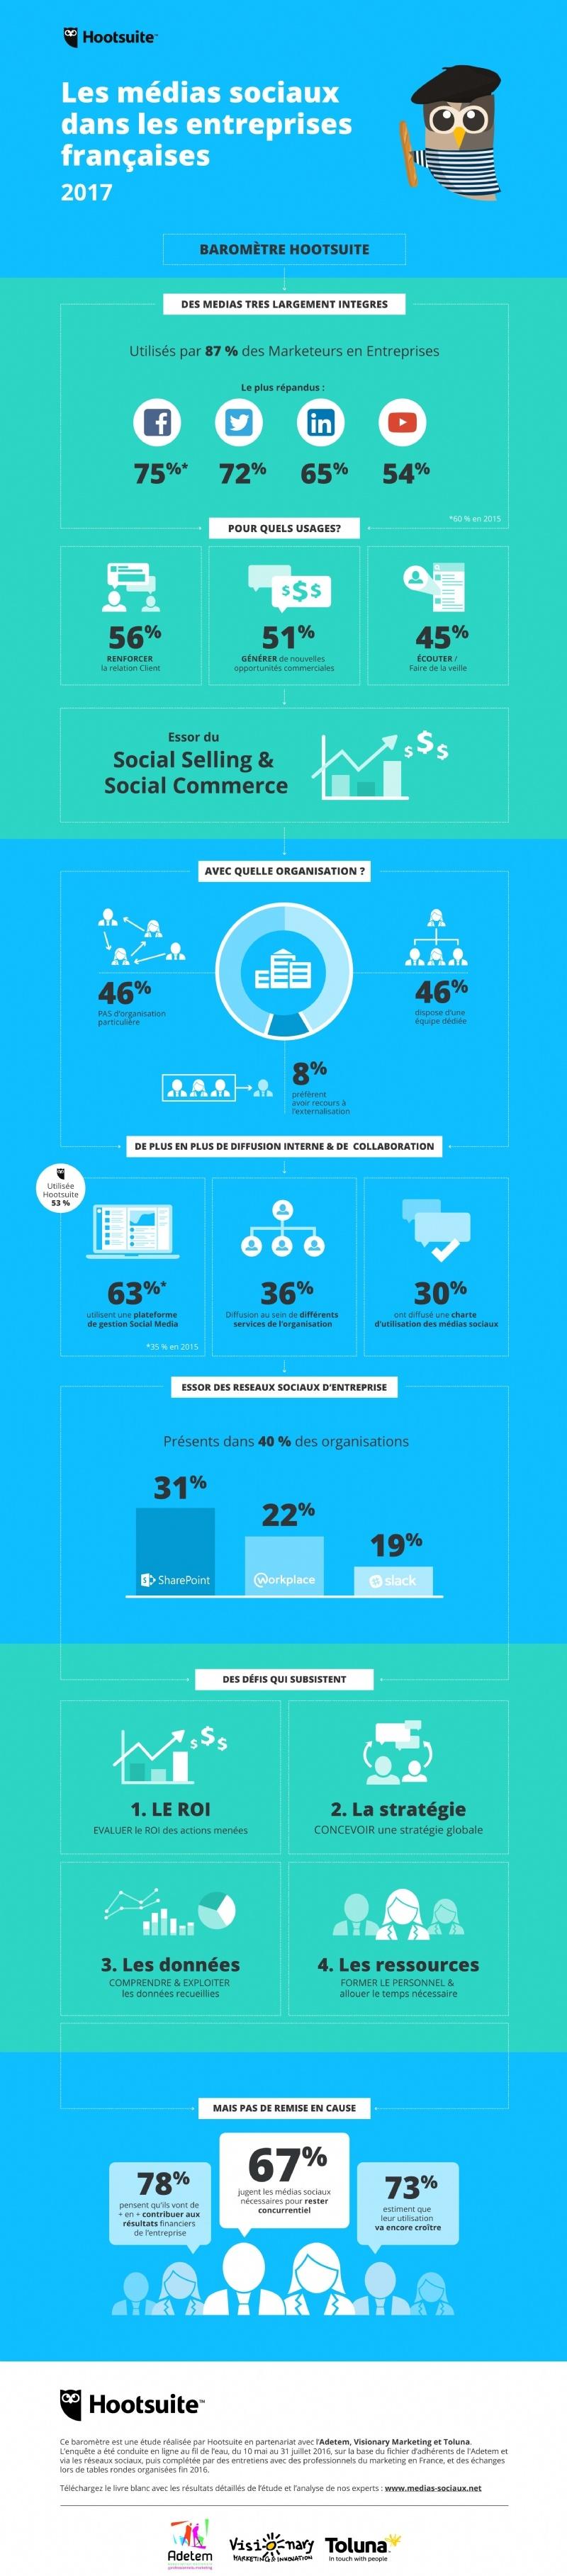 infographie-hootsuite-marketing-entreprises-francaises-medias-sociaux-reseau-social